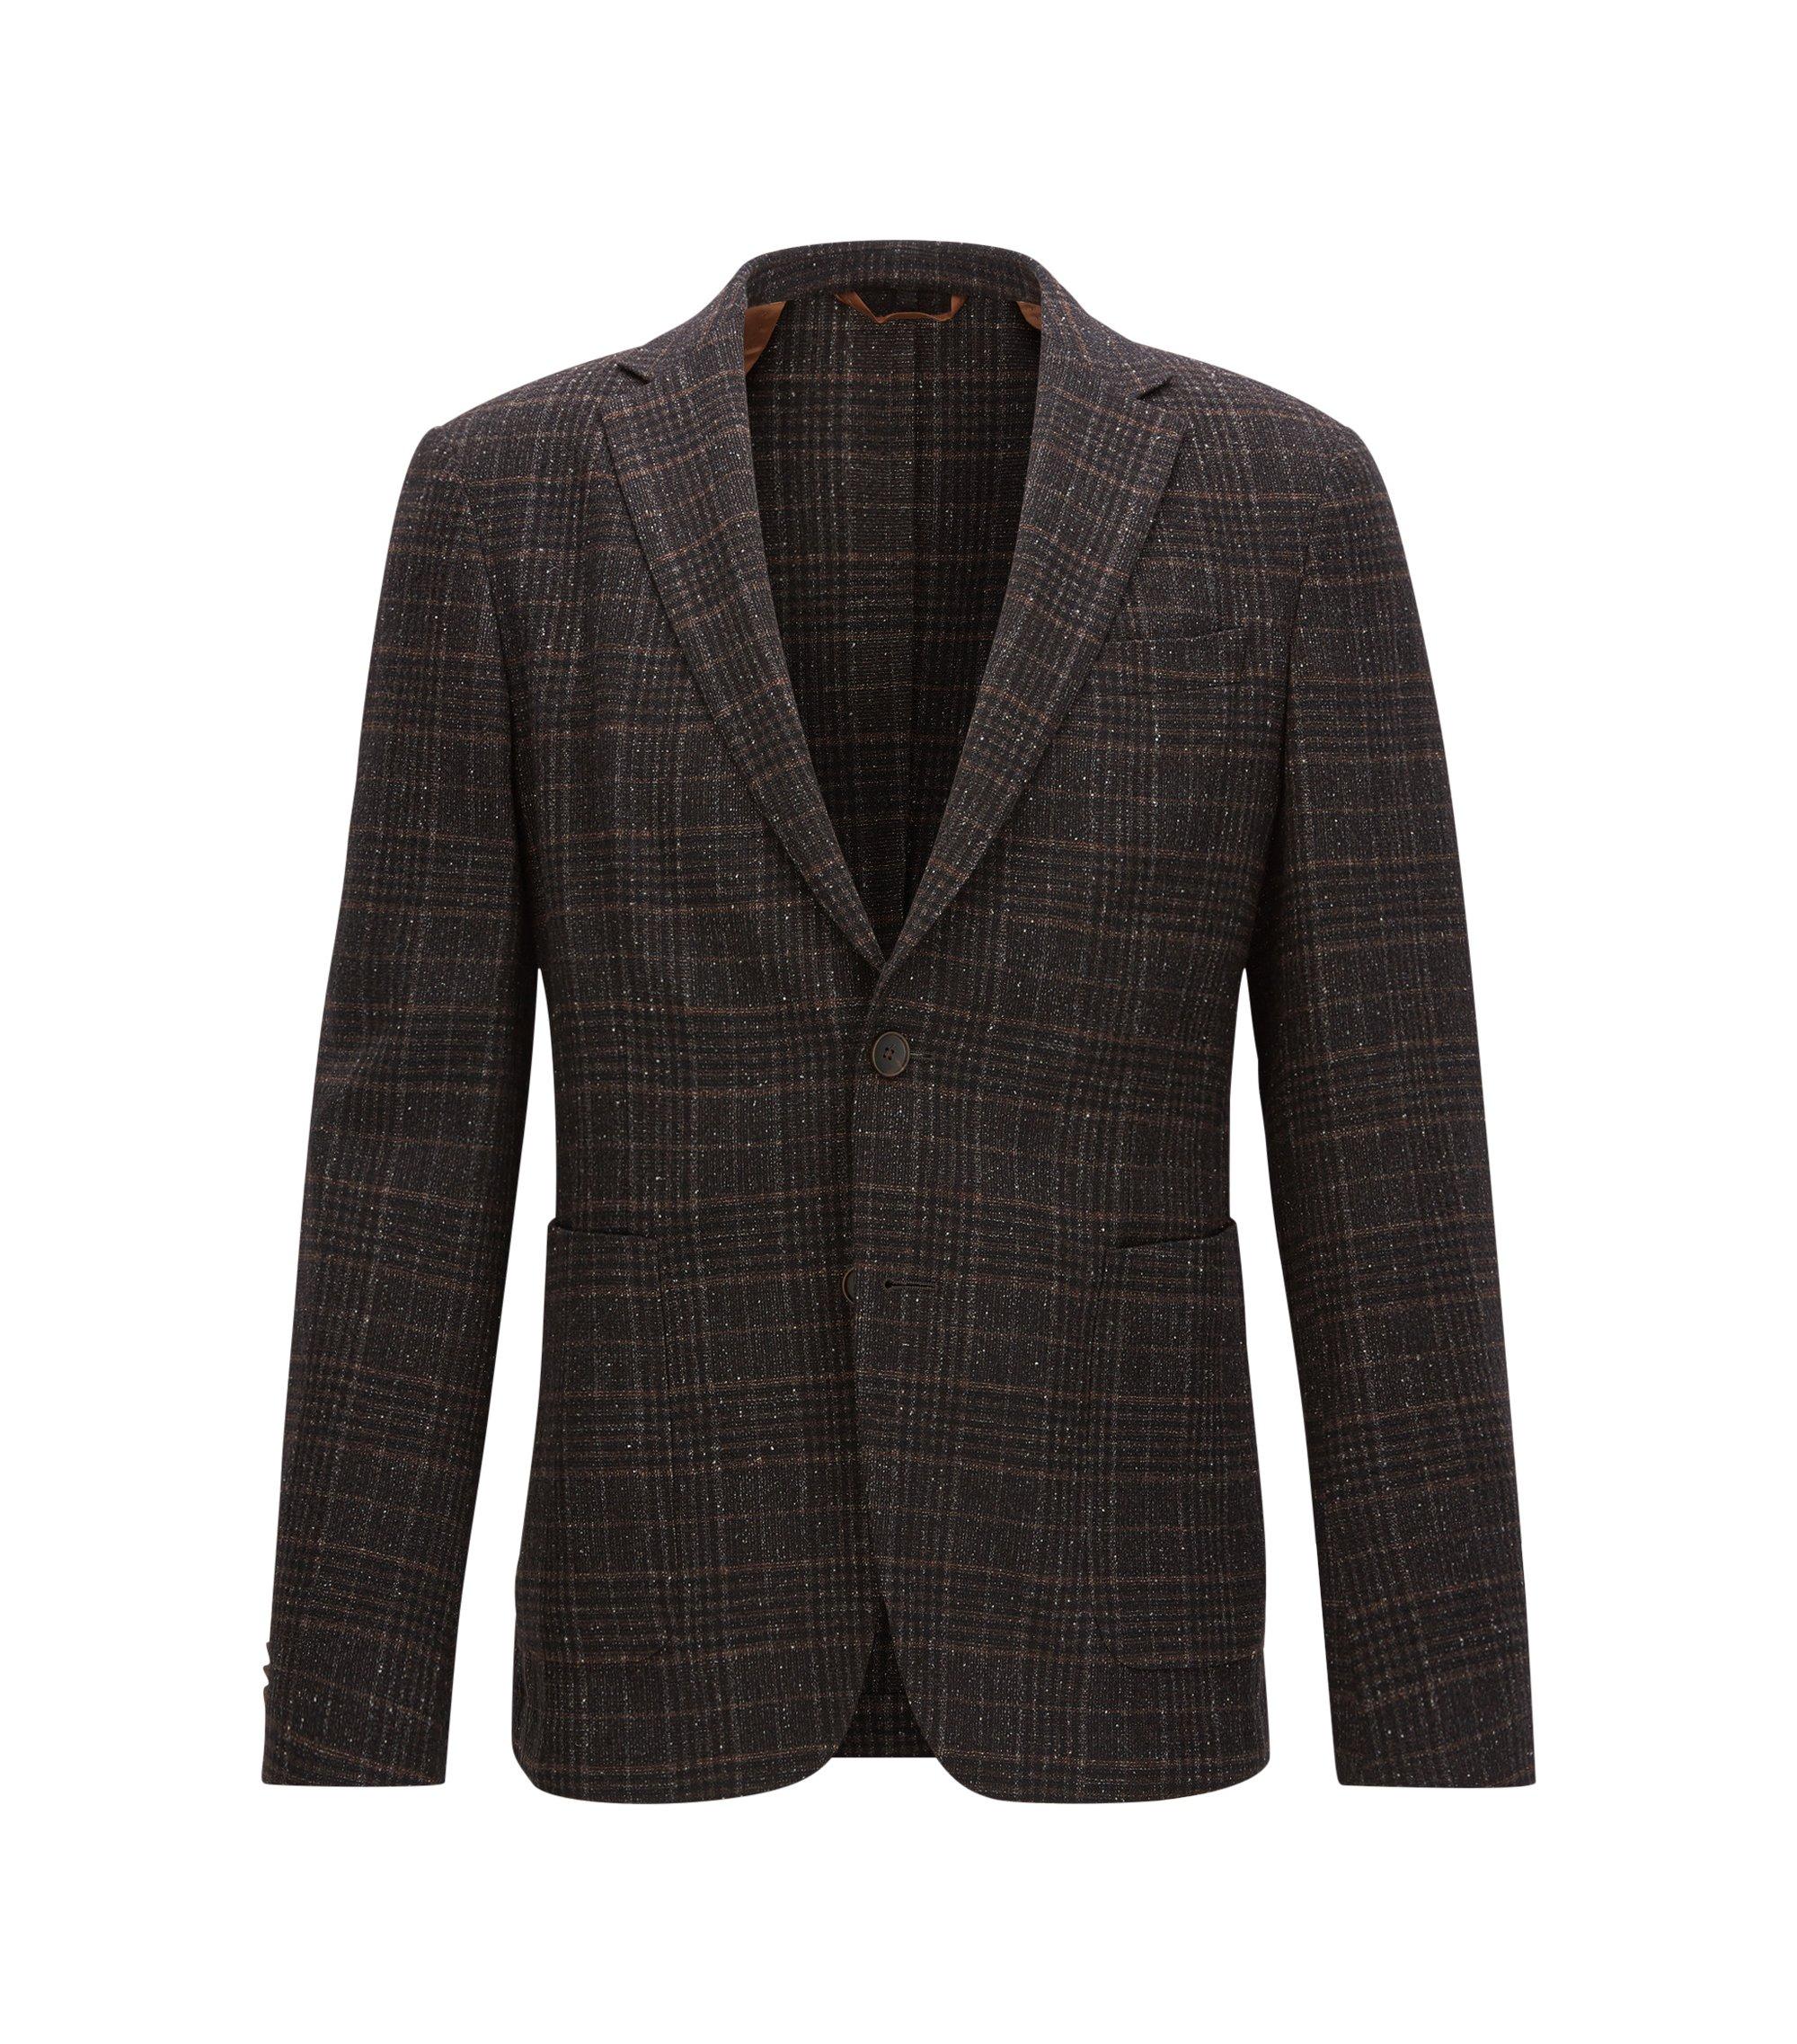 Plaid Wool Blend Sport Coat, Slim Fit | Nold, Dark Brown